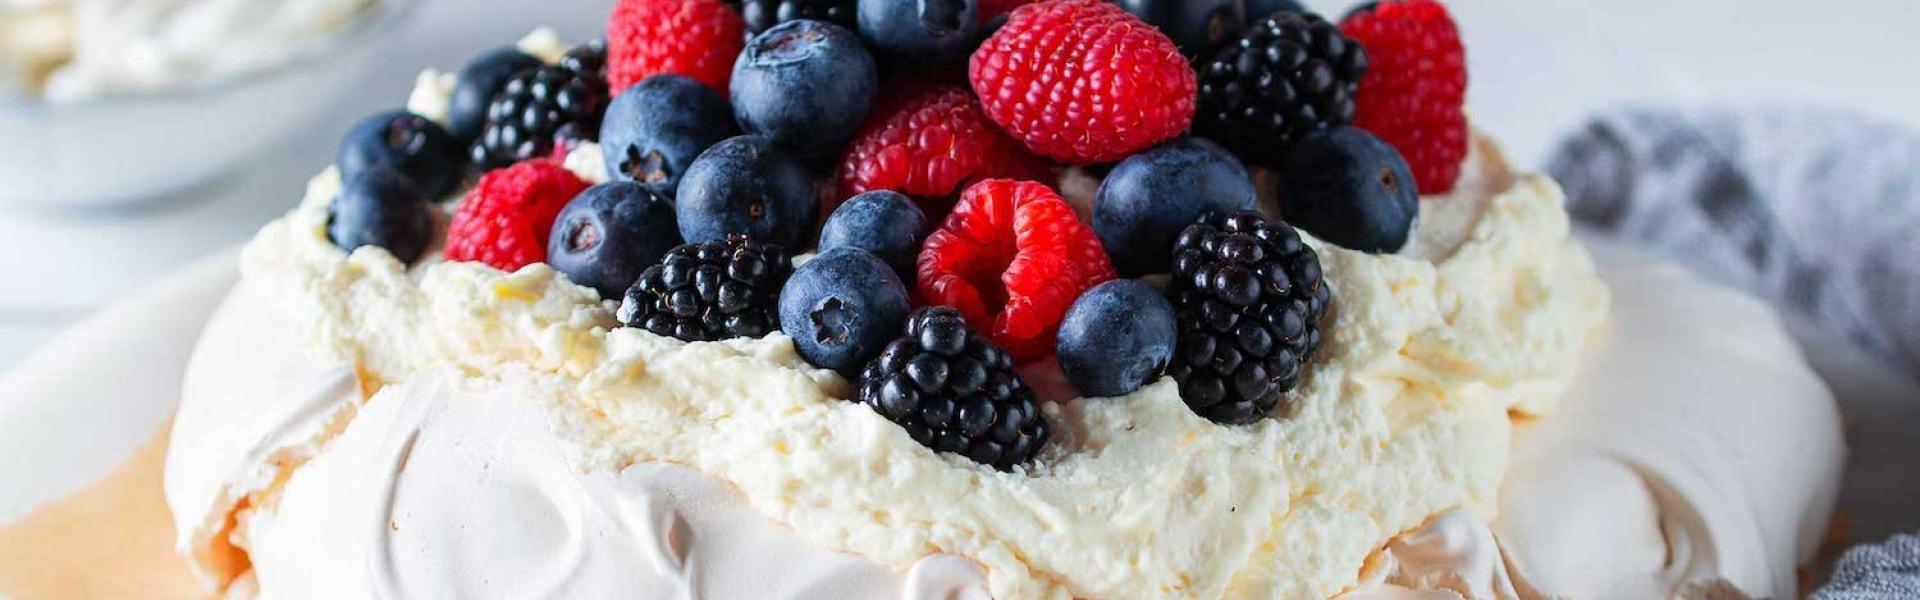 Pavlova mit Mascarpone auf einer Kuchenplatte.